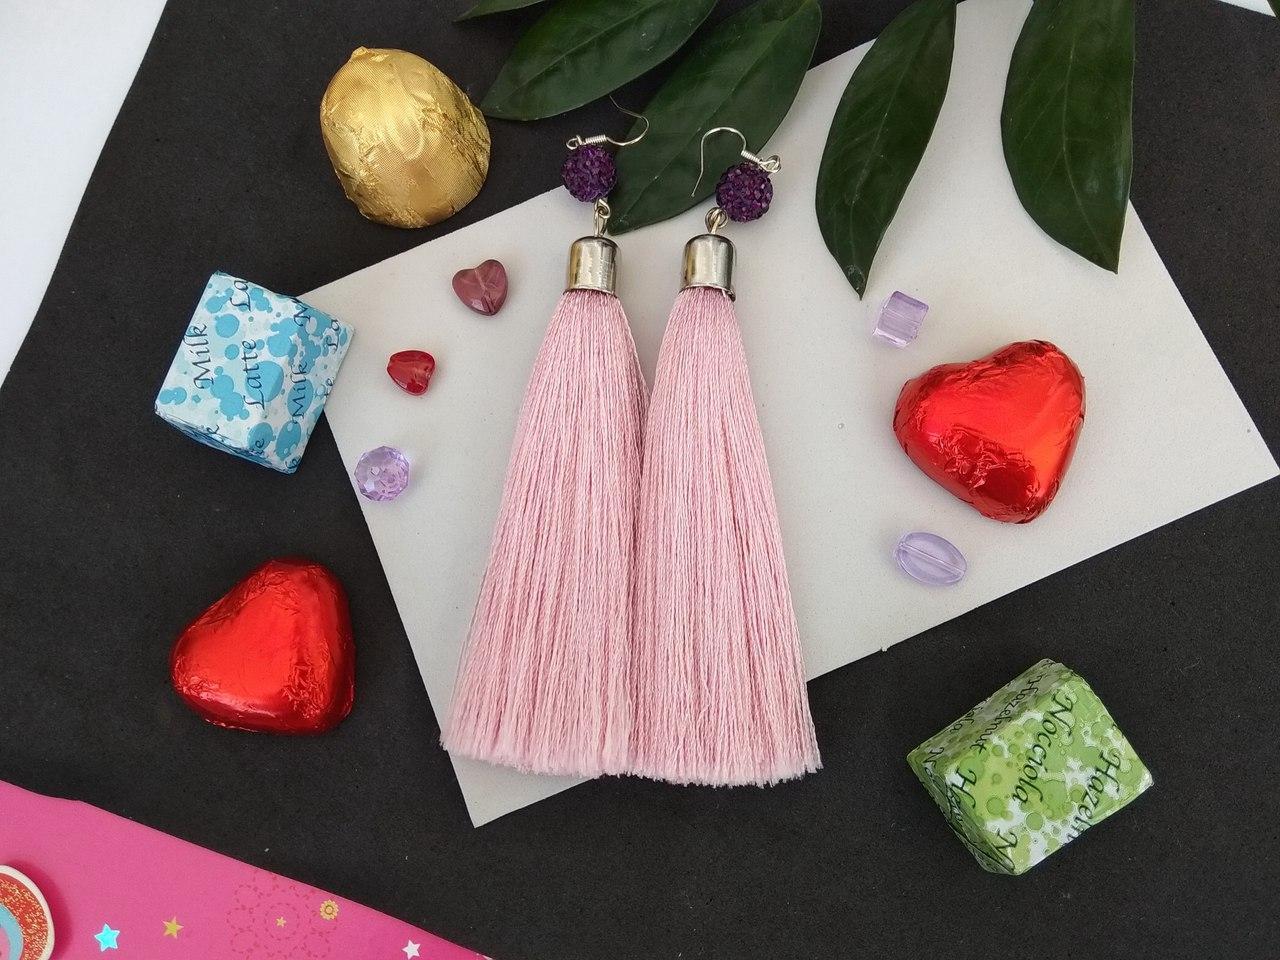 Сережки сережки пензлика Рожеві Пудра шамбала Pudra рожеві рожевий колір кисть довгі висячі рожевий Кисті